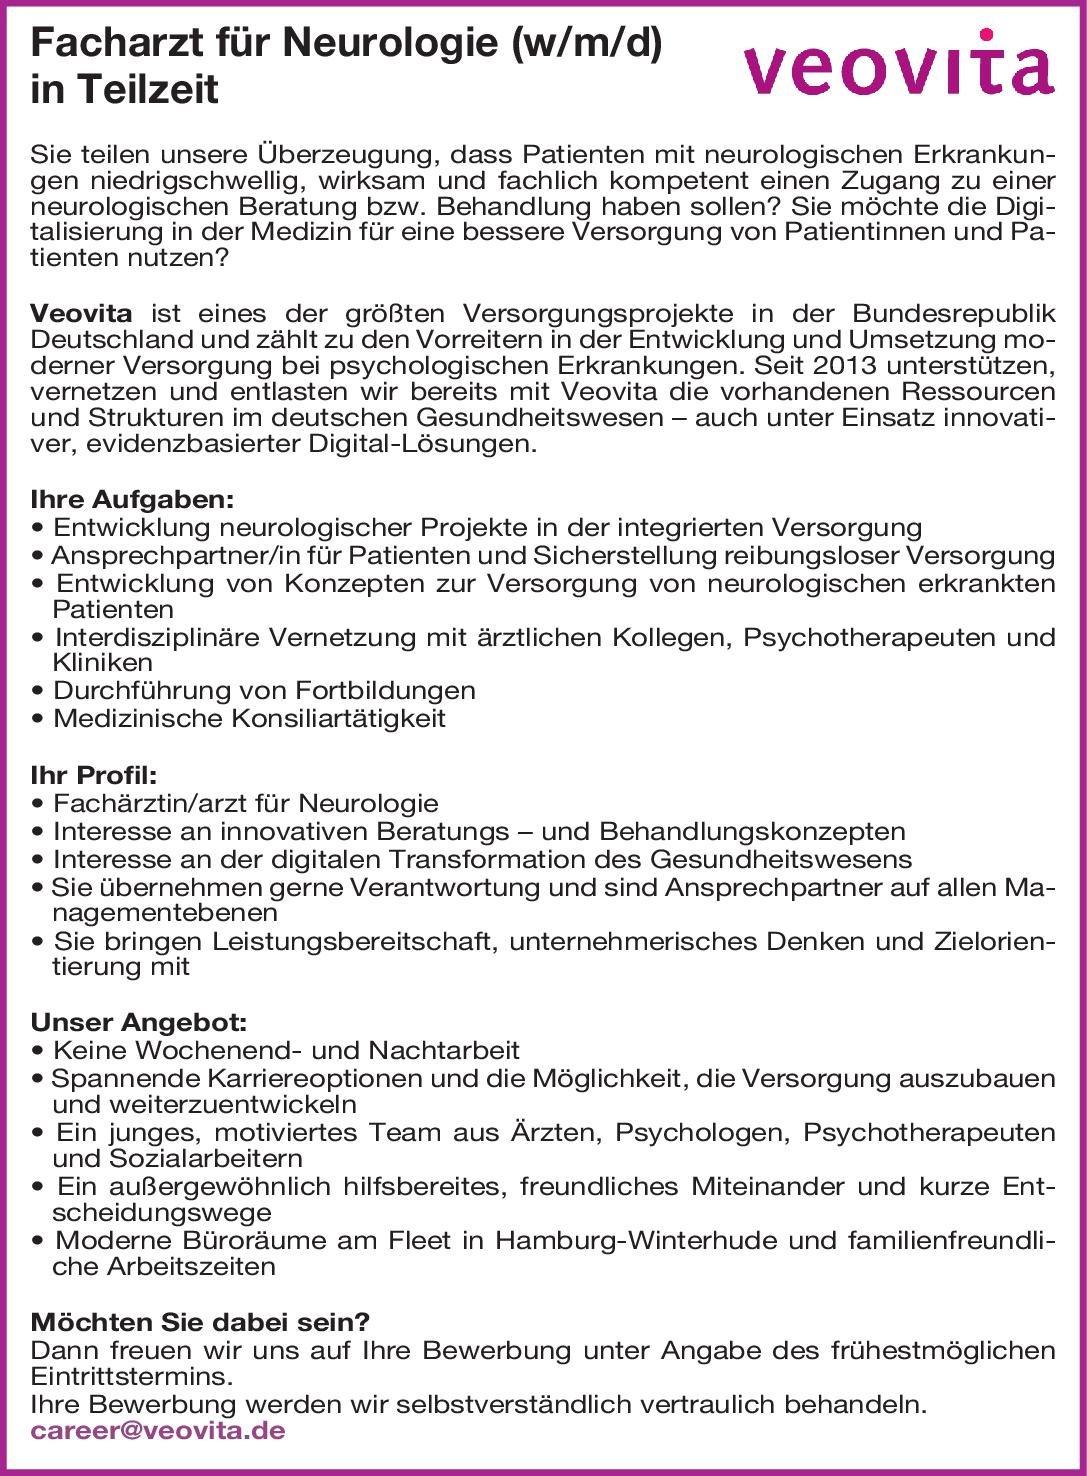 Veovita Facharzt für Neurologie (w/m/d) Neurologie Arzt / Facharzt